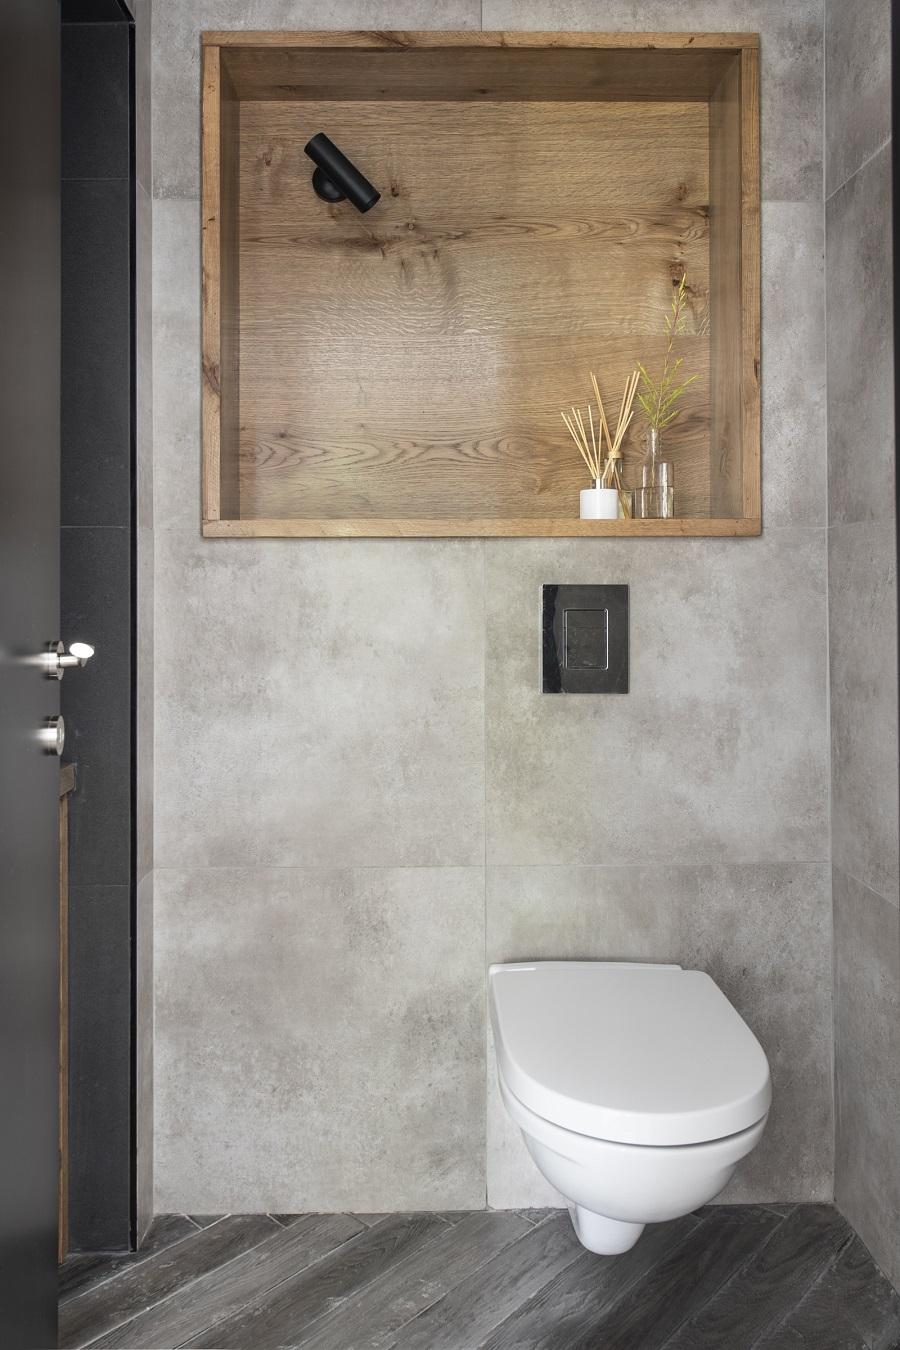 עיצוב: אחד לאחד   צילום: אורית אלפסי